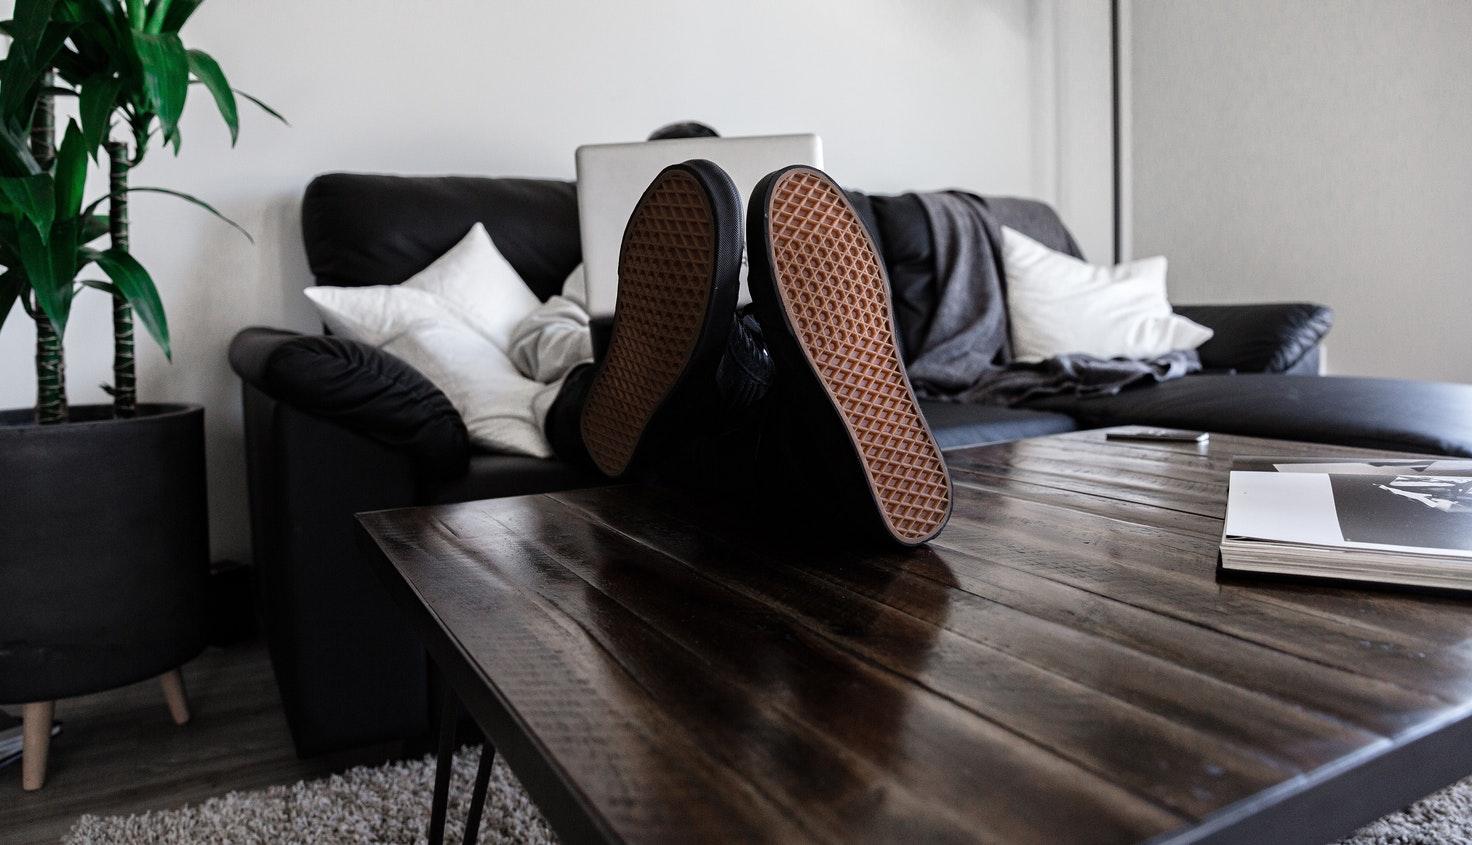 Personne assise sur un canapé, les pieds sur la table basse, avec un ordinateur sur les genoux